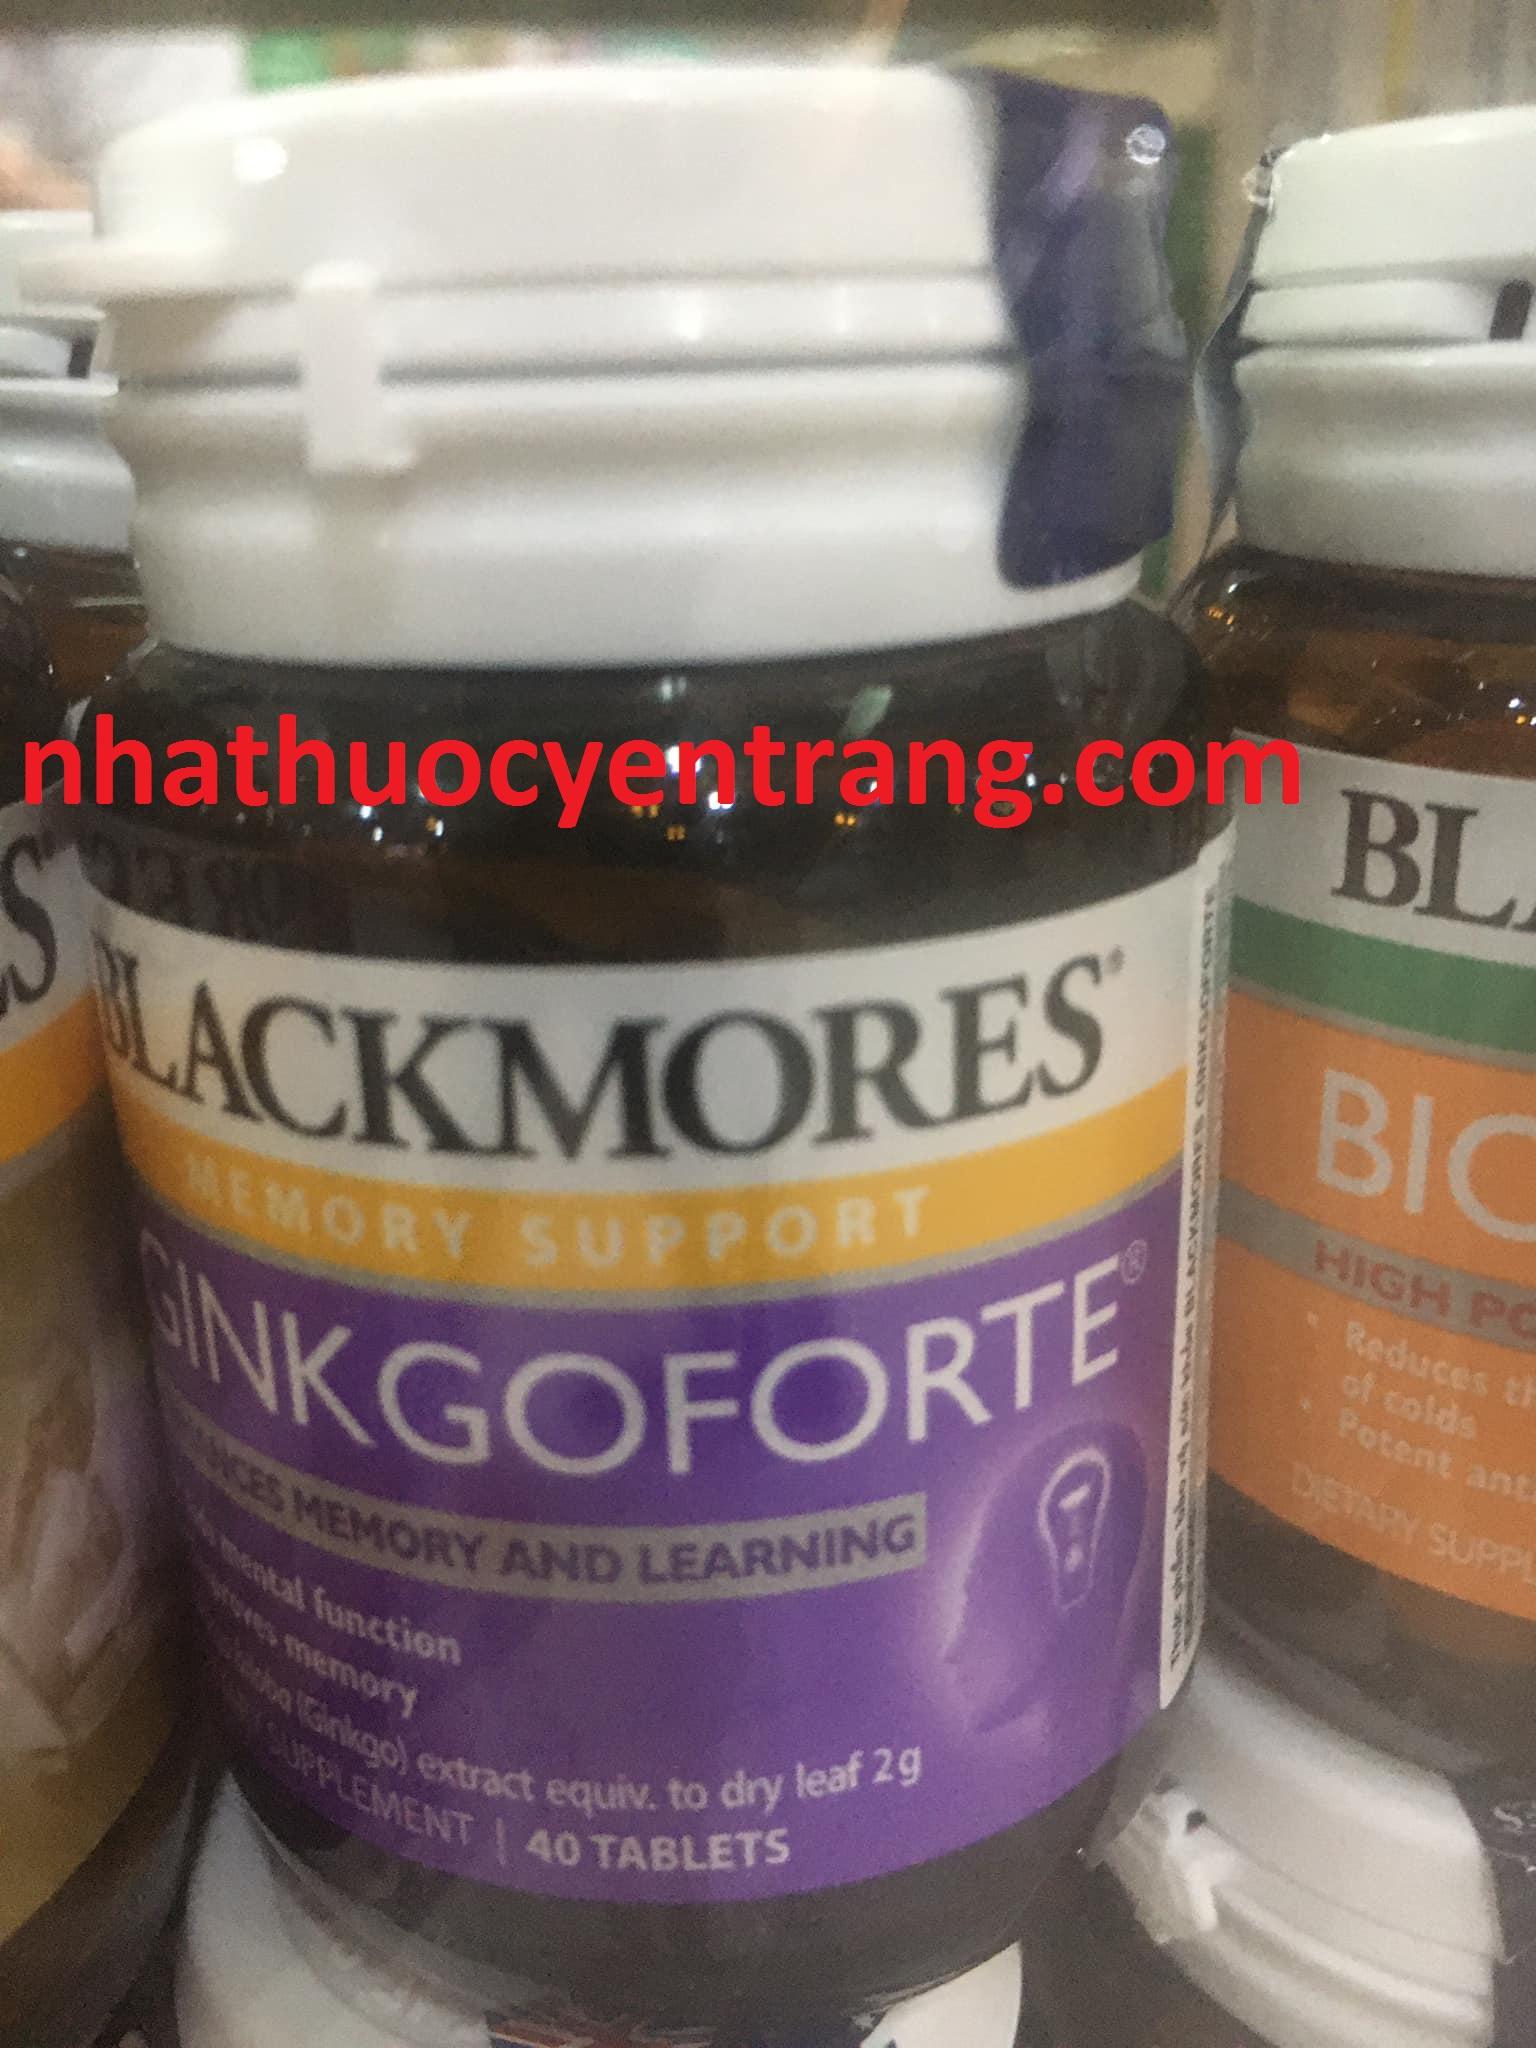 Blackmores Ginkgoforte (Hộp 40 viên)